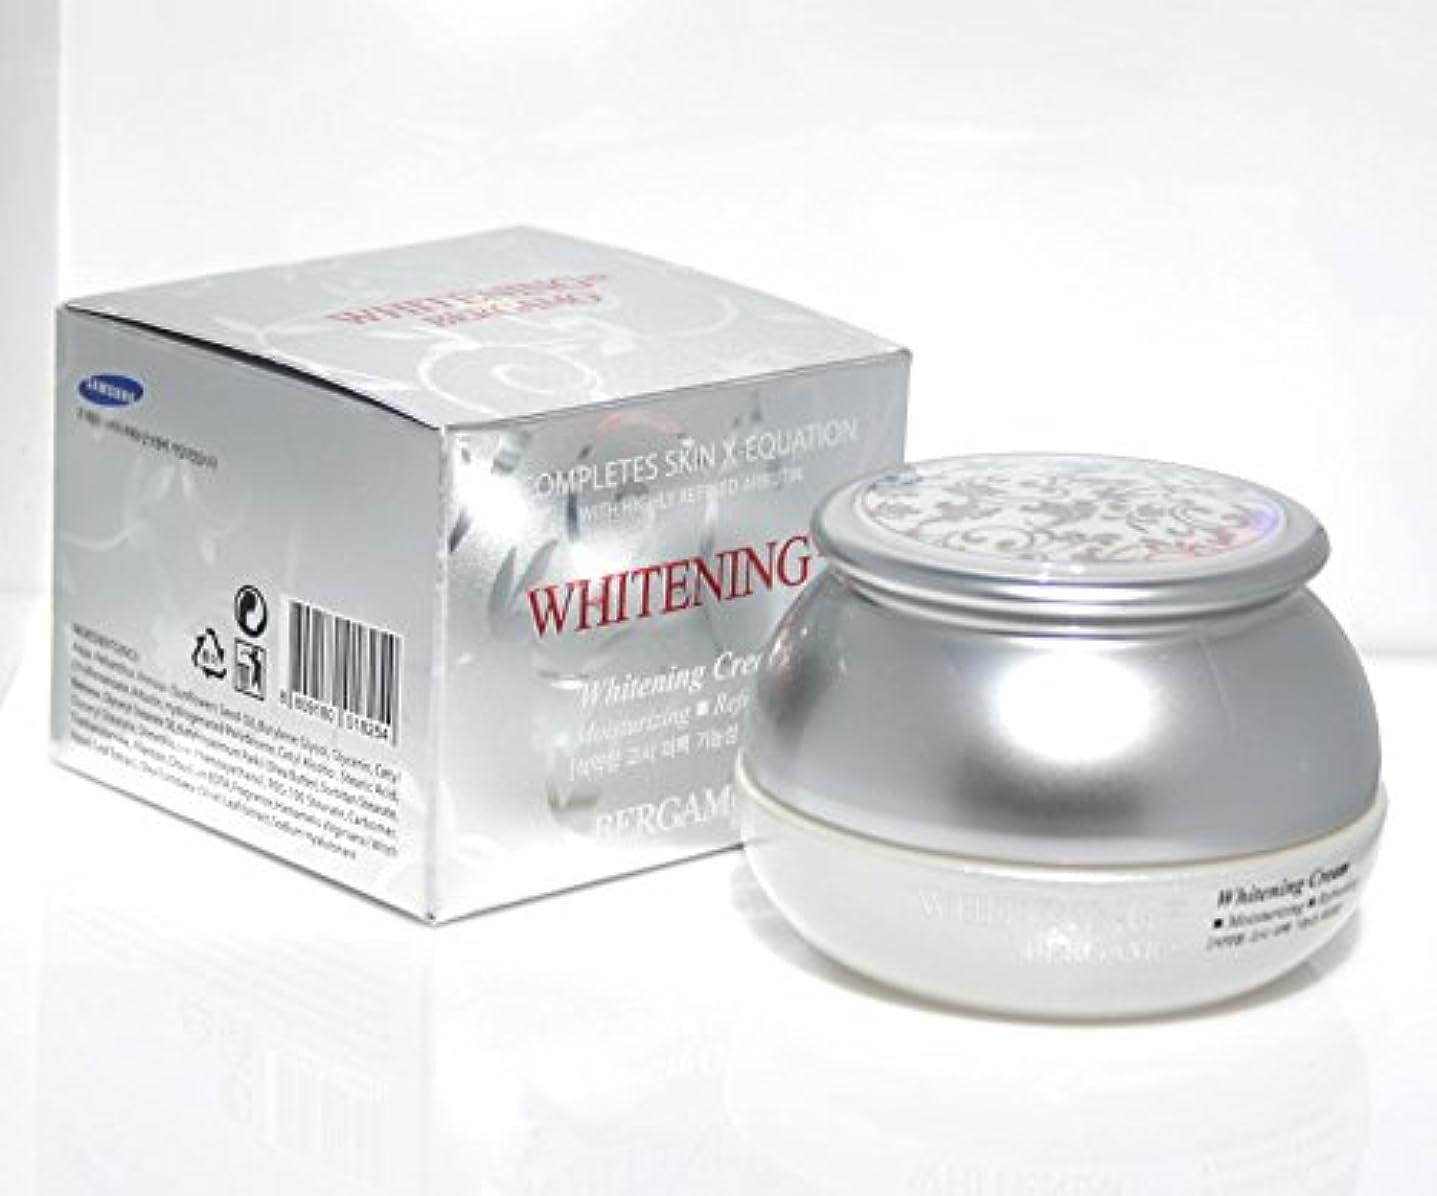 【ベルガモ][Bergamo]  は、高度に精製アルブチンホワイトニング例クリーム50g /  Completes Skin X-equation with Highly Refined Albutin Whitening Ex Cream 50g /  を完了は、皮膚のX-式、さわやか / Whitening,moisturizing,refreshing / 韓国化粧品 / Korean Cosmetics [並行輸入品]